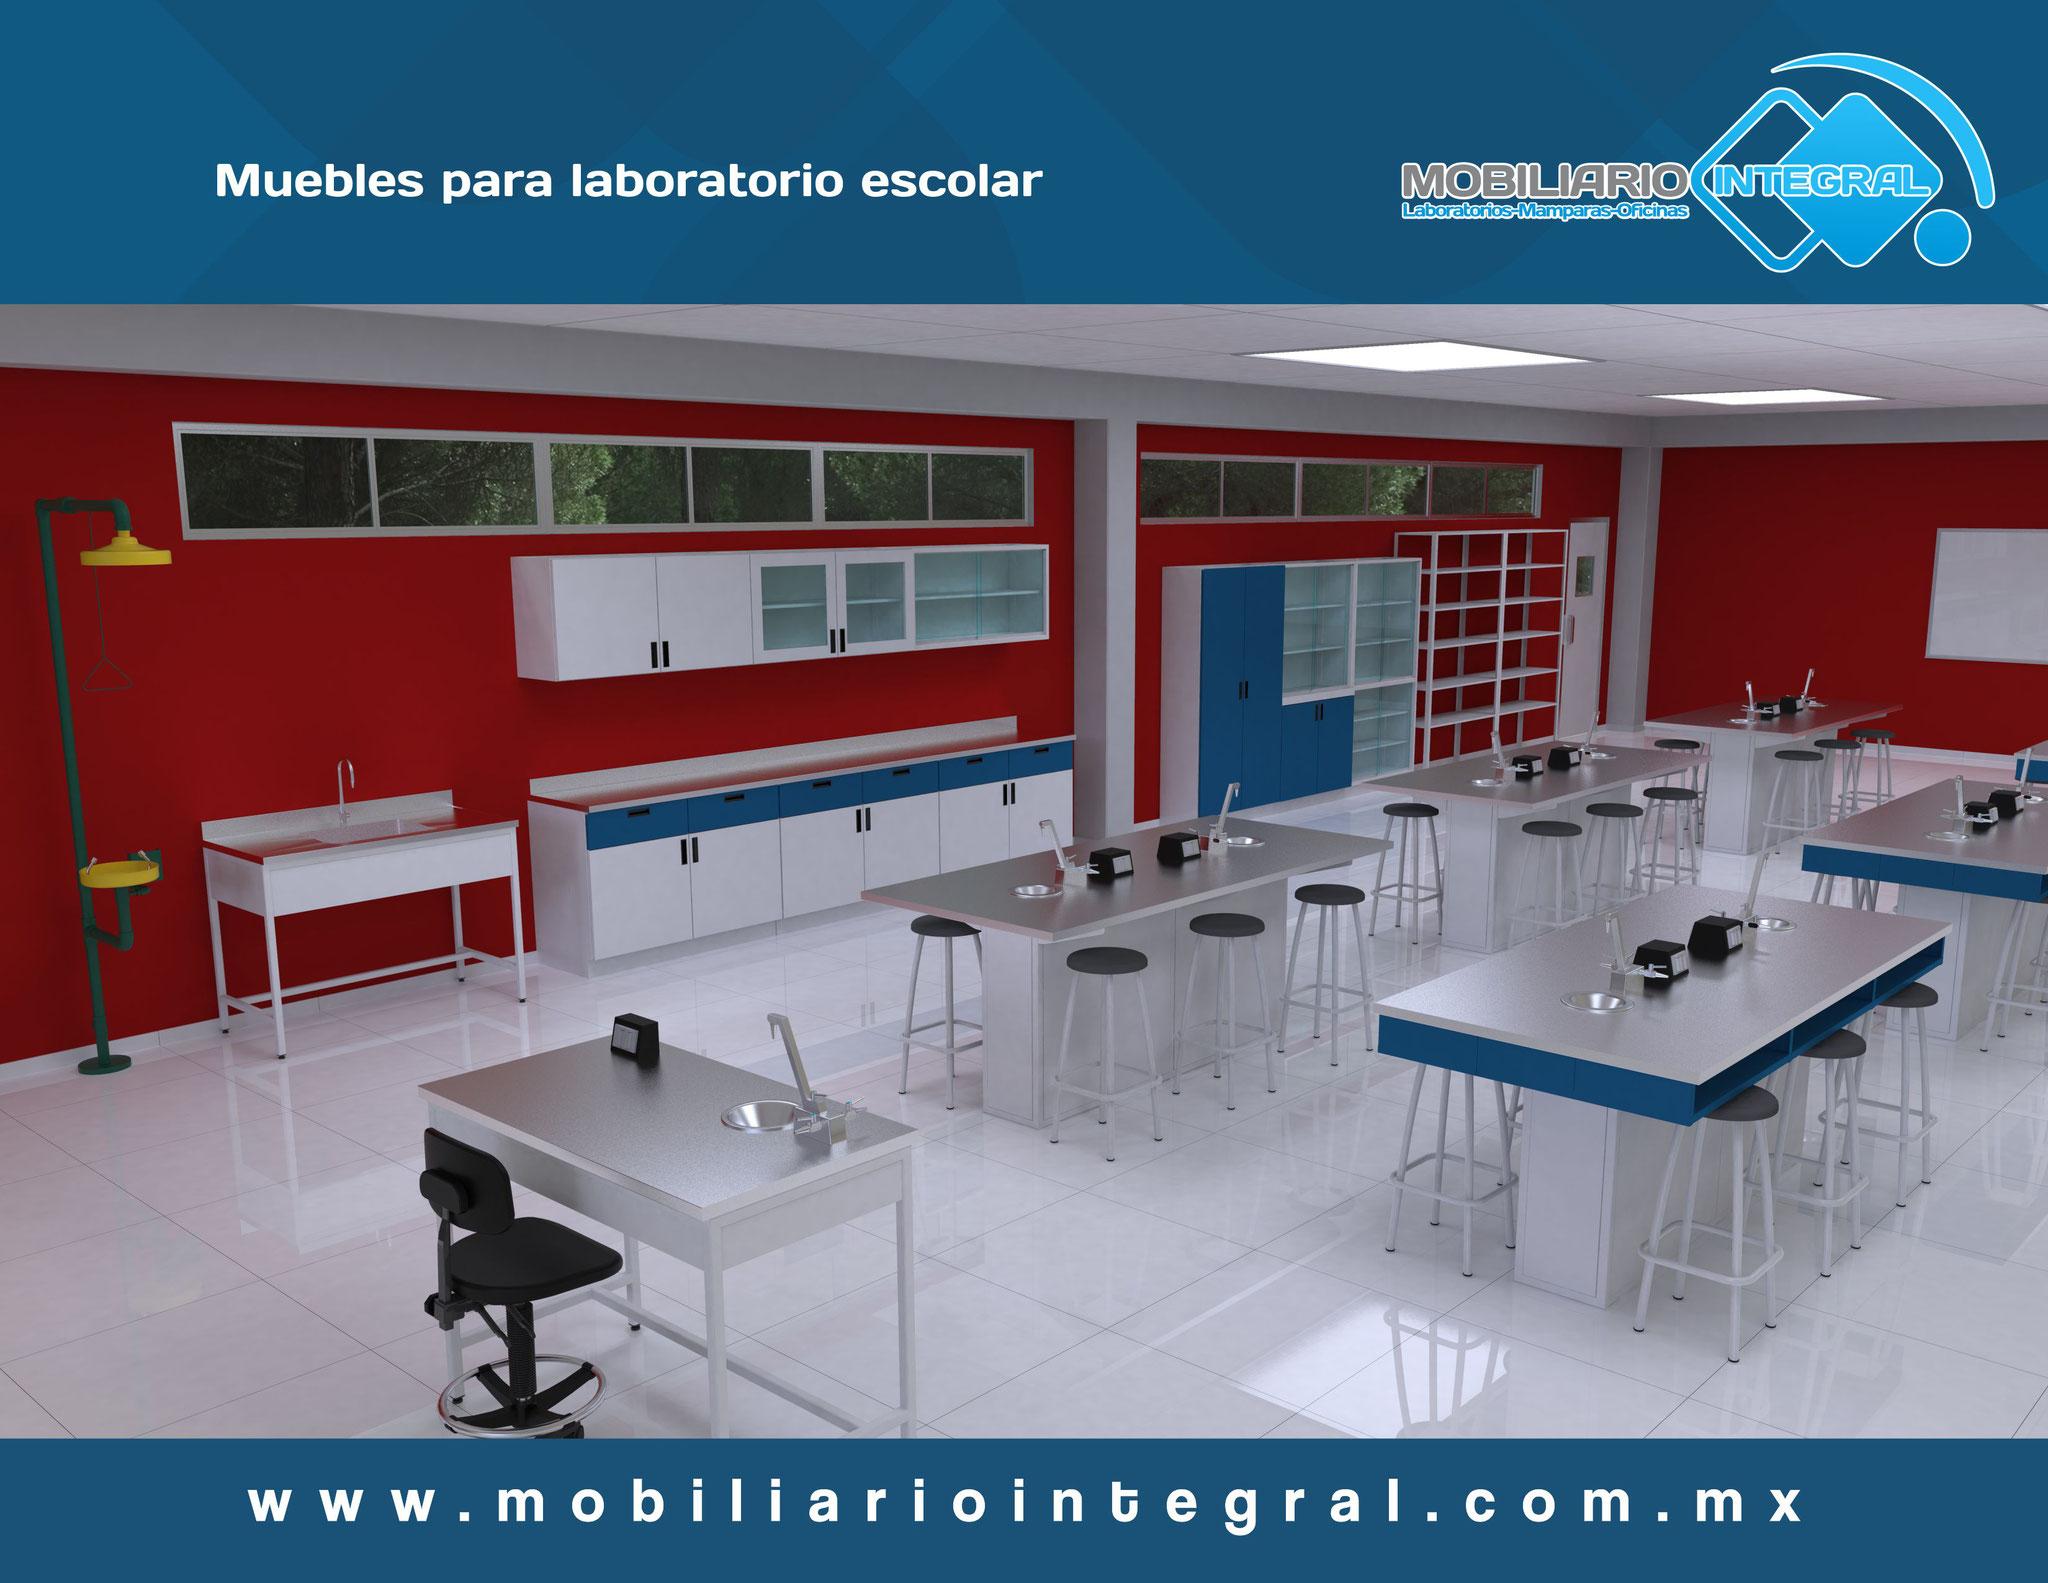 Muebles para laboratorio escolar San Luis Potosí